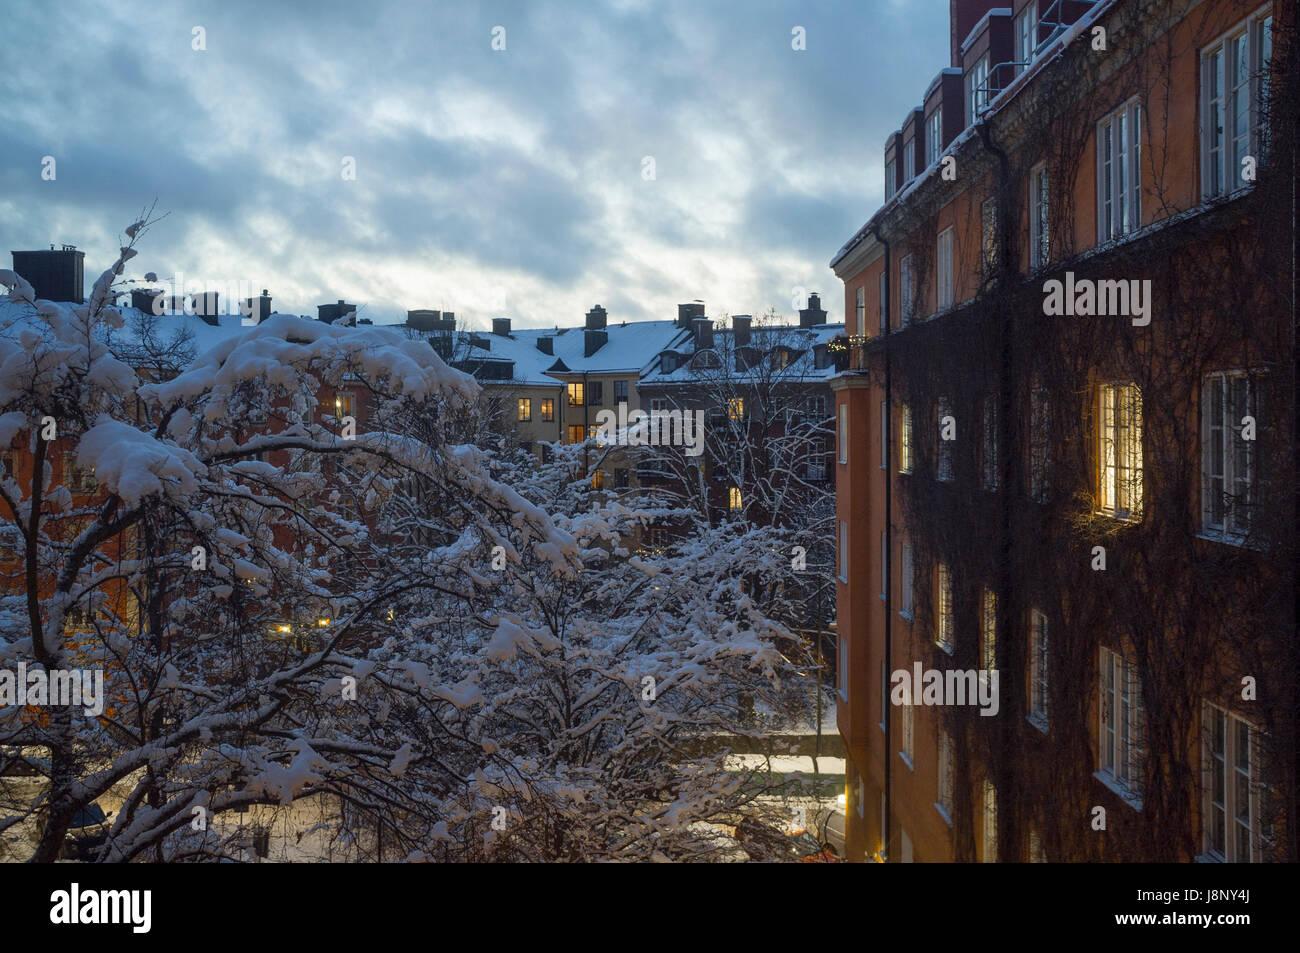 Maisons et arbre couvert de neige en hiver Banque D'Images